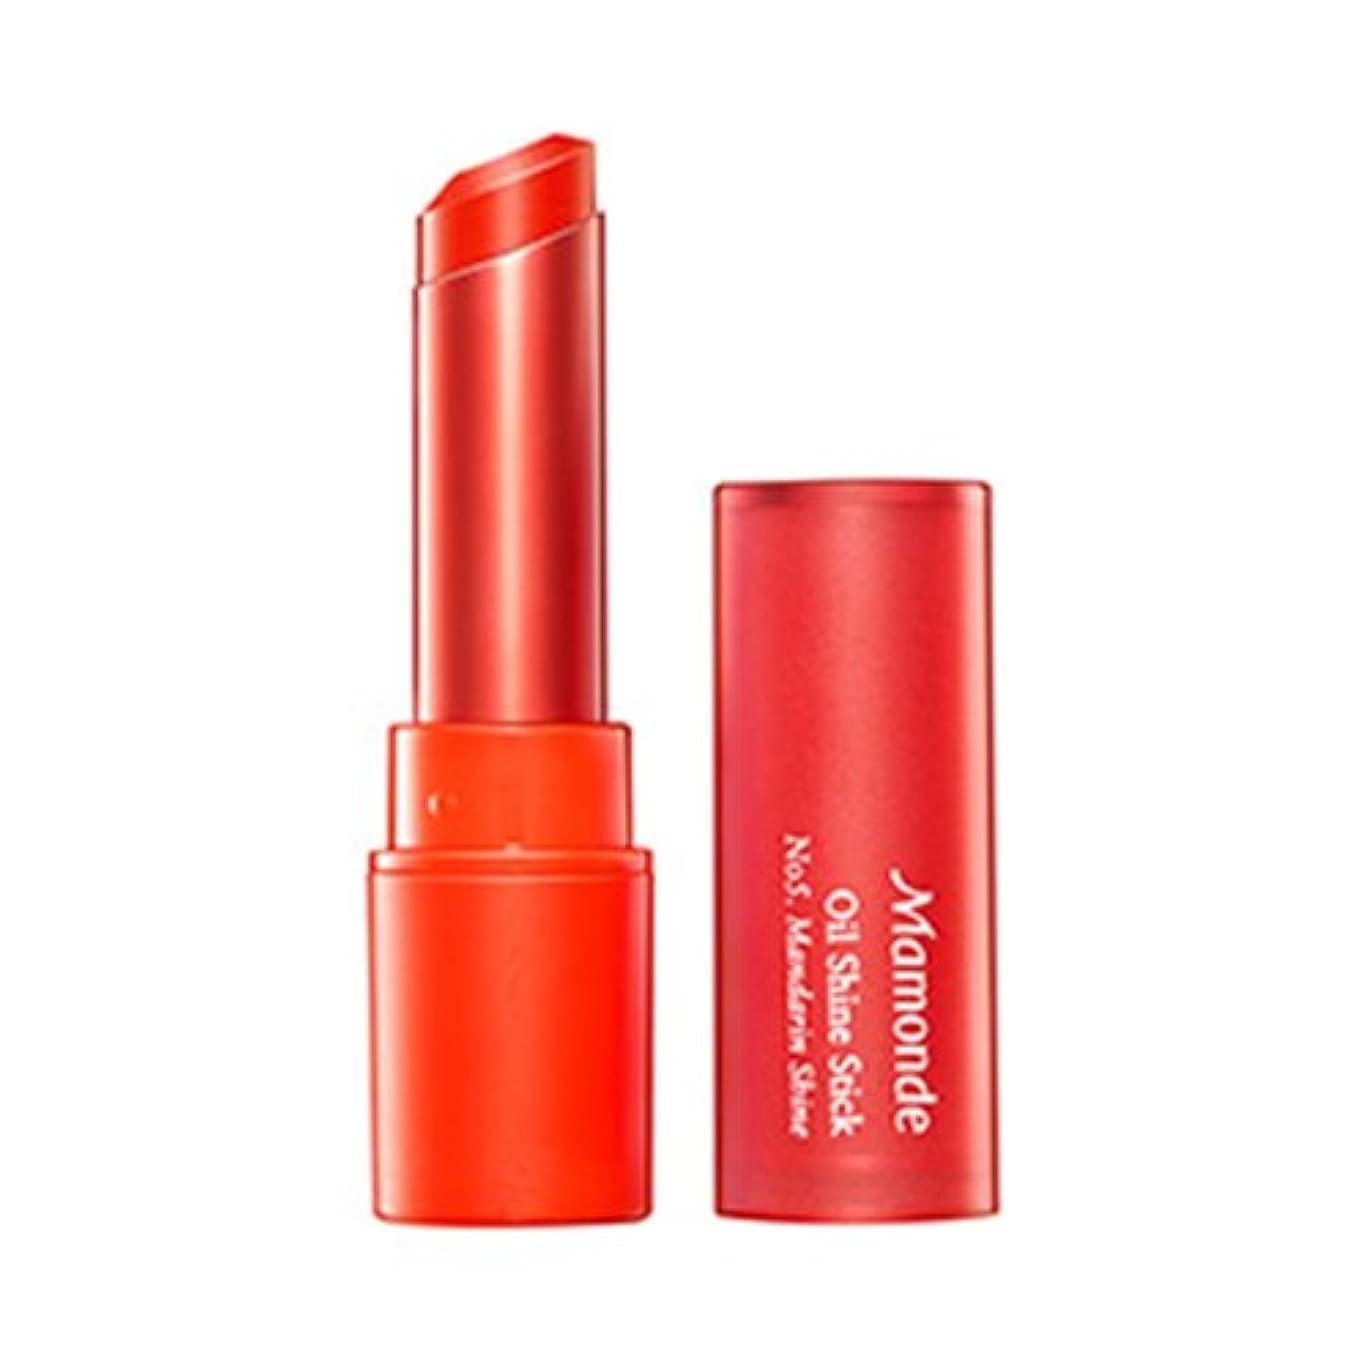 予言するすなわち適応的[New] Mamonde Oil Shine Stick 3.4g/マモンド オイル シャイン スティック 3.4g (#5 Mandarine Shine) [並行輸入品]